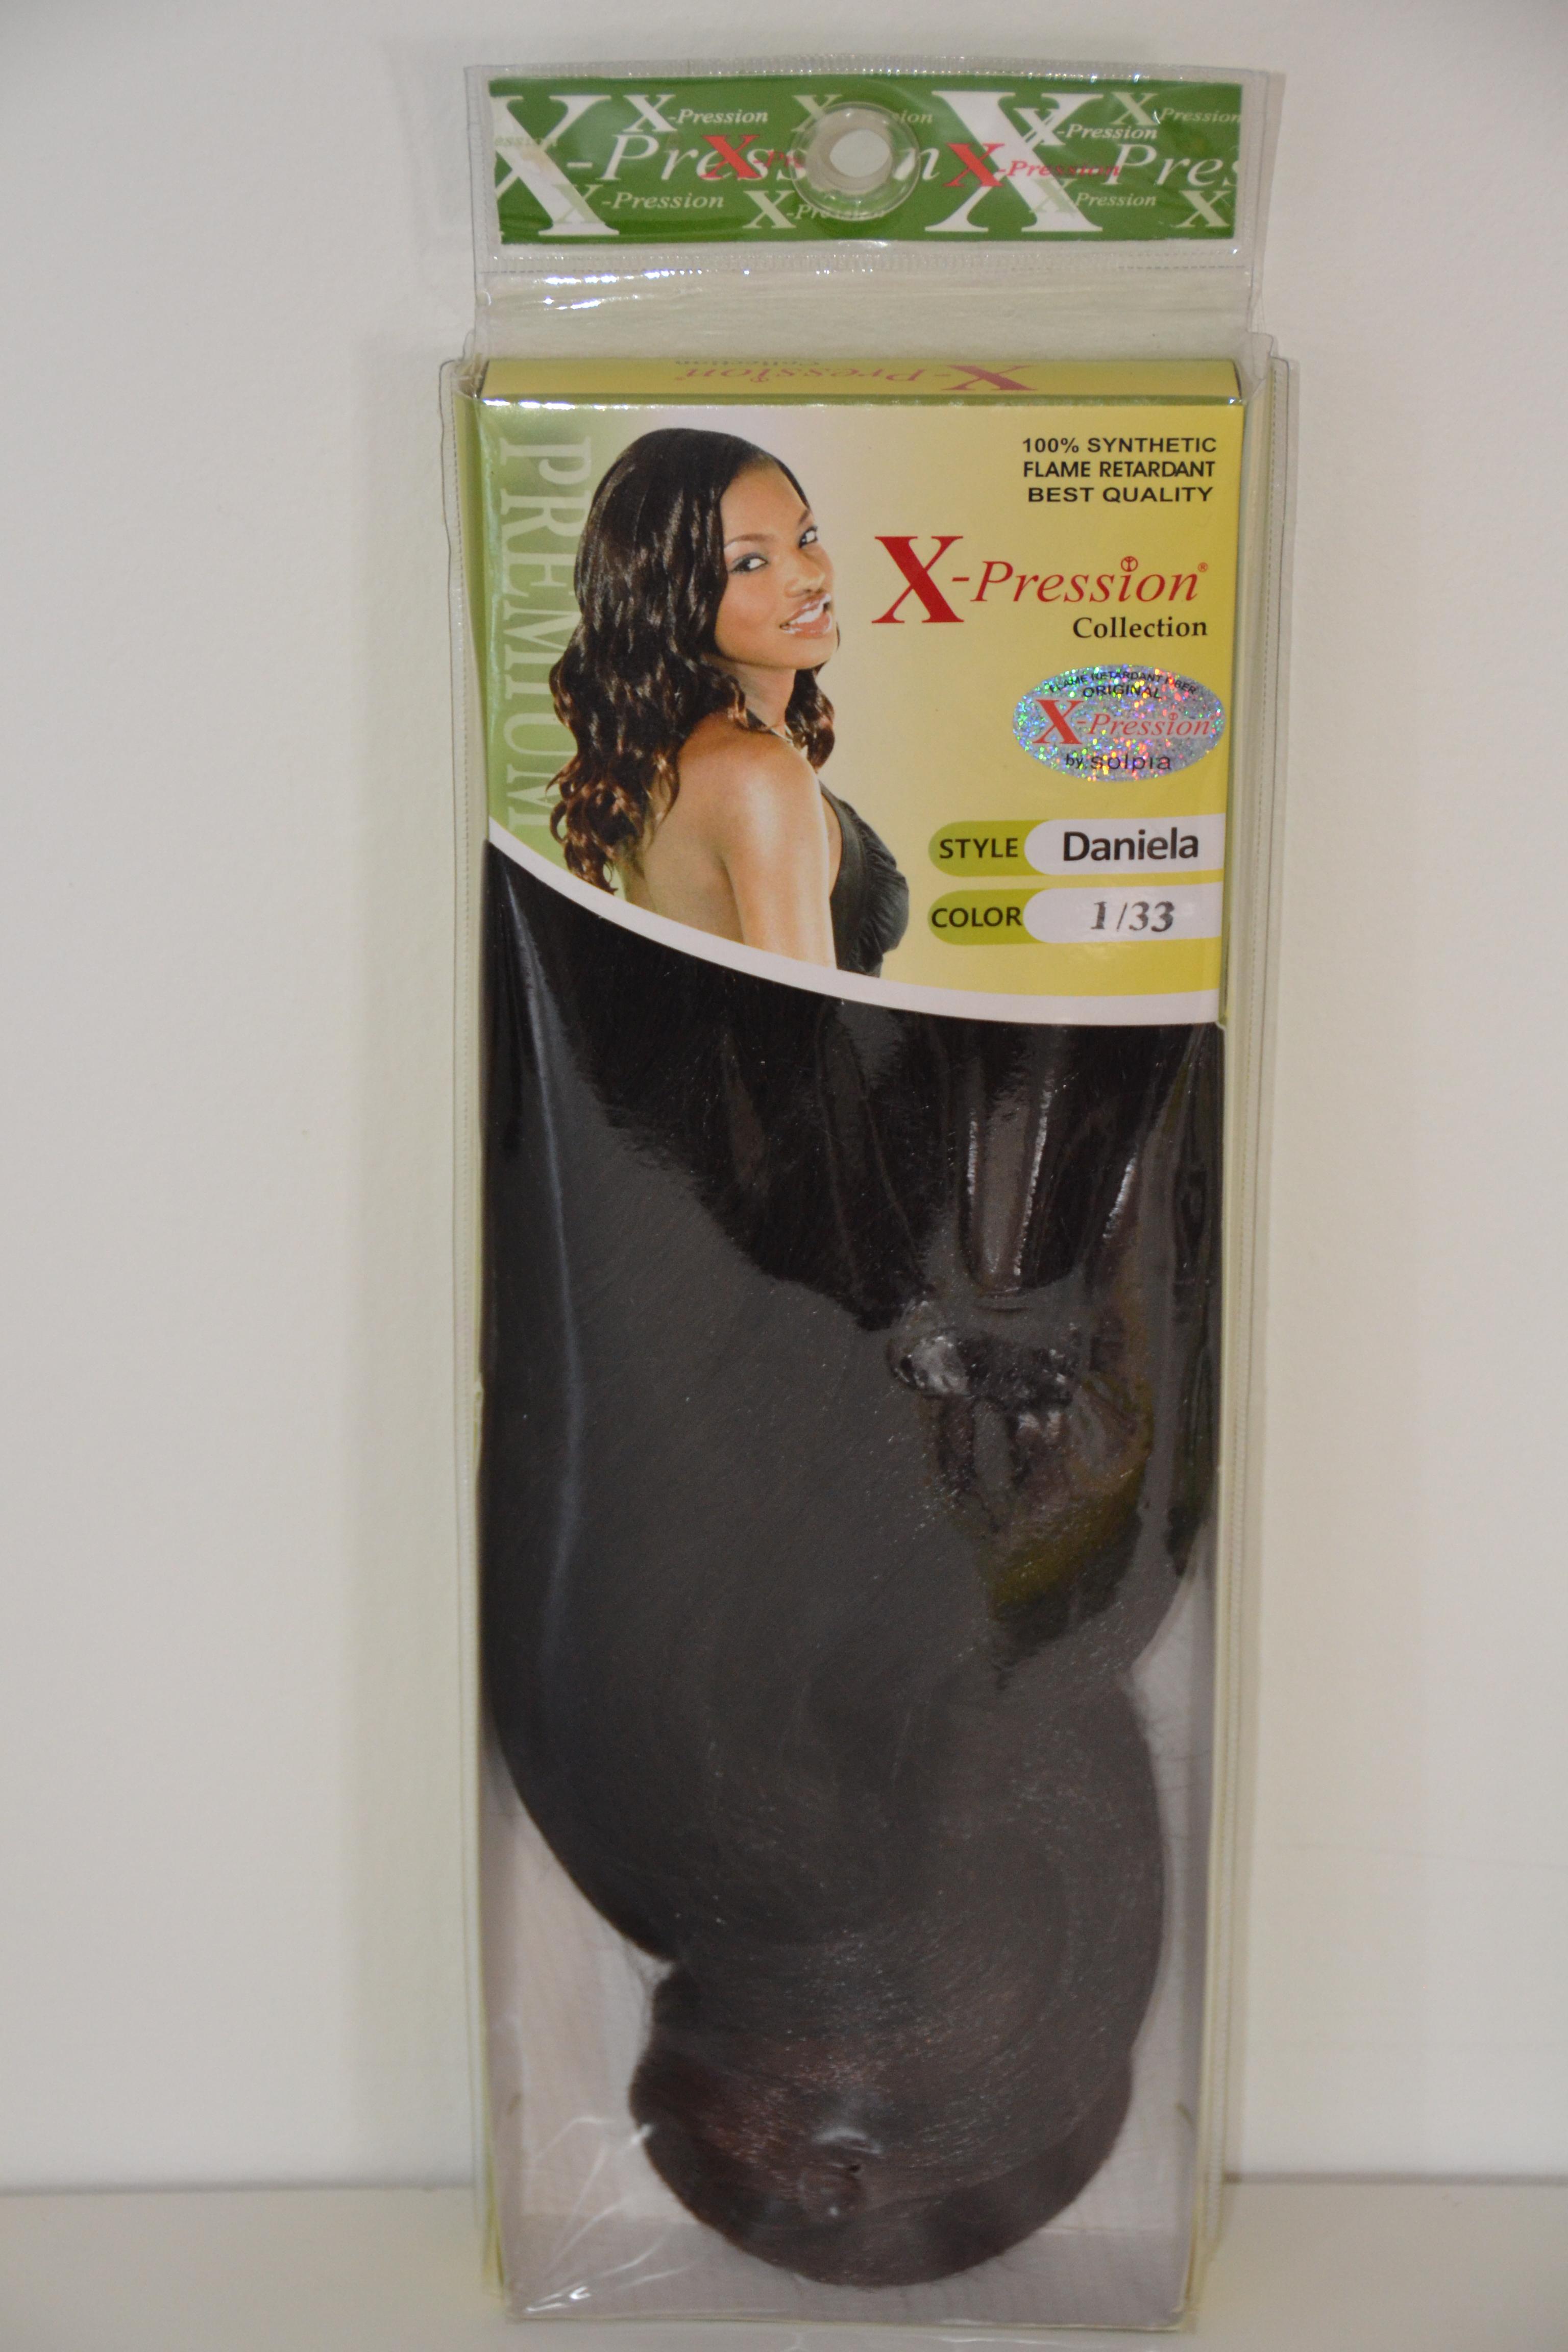 X Pression Collection Daniela Weave